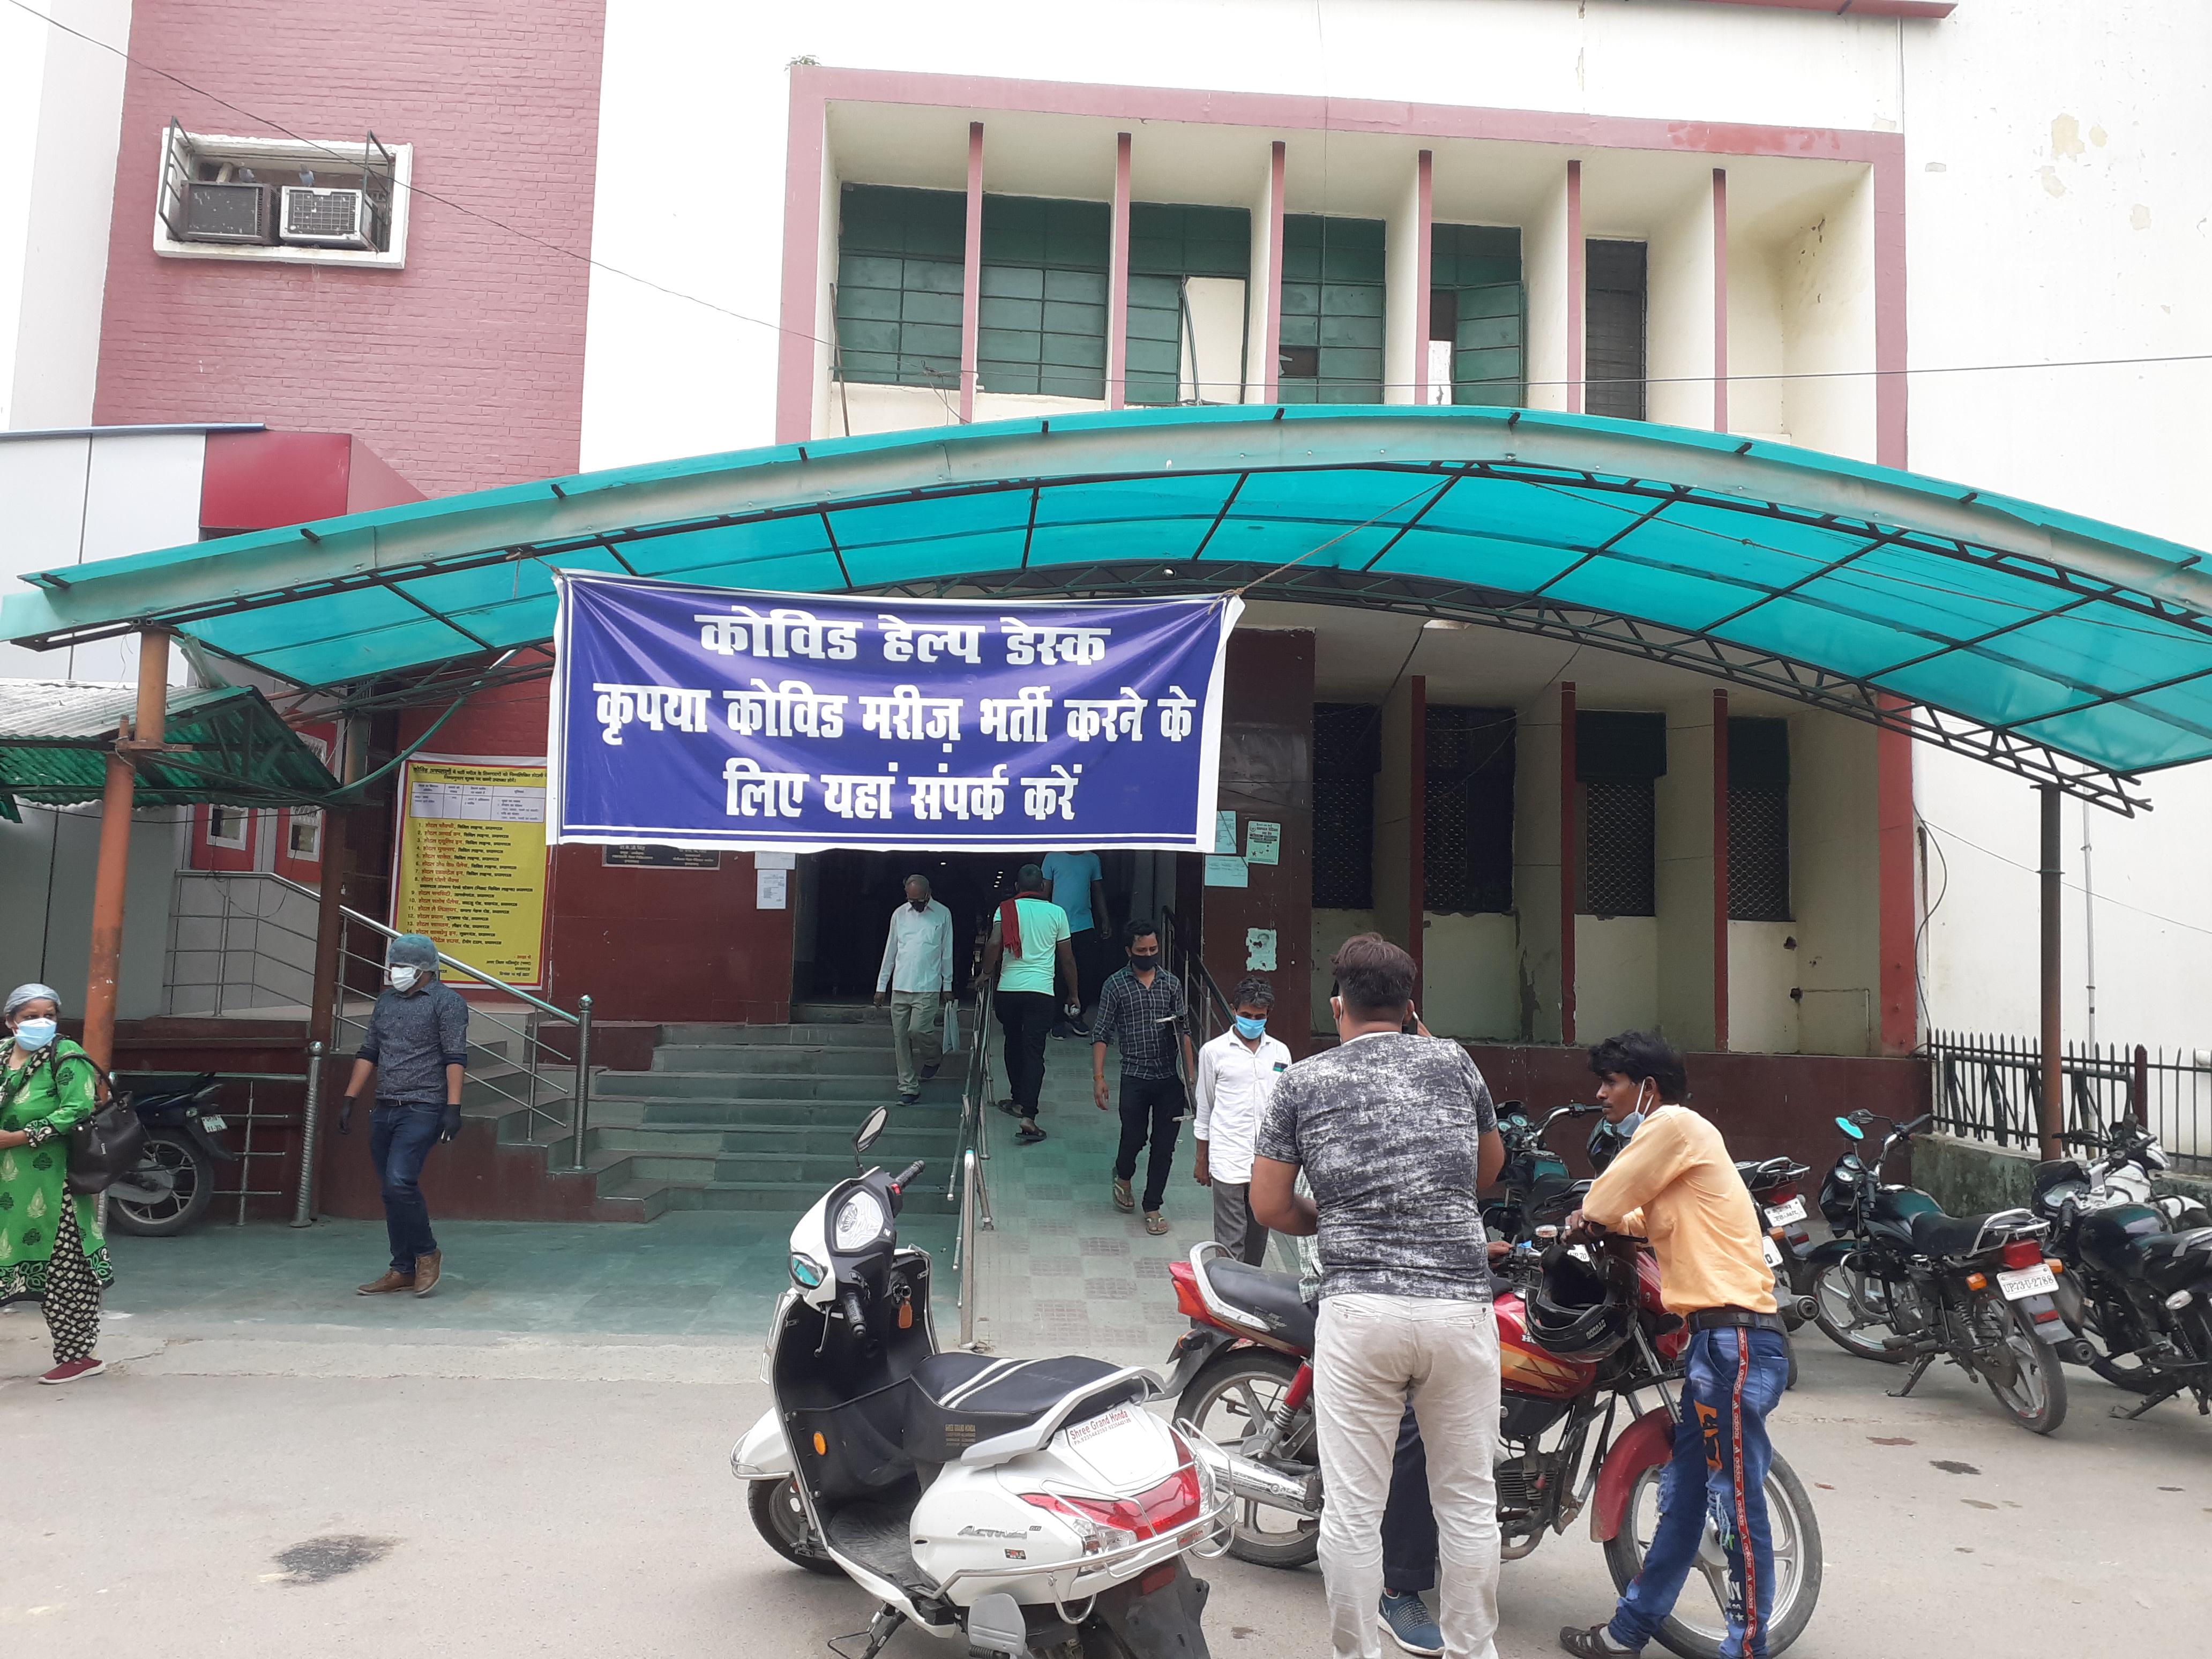 प्रयागराज के SRN हॉस्पिटल में आंत का ऑपरेशन कराने गई युवती को चार लोगों ने मिलकर बनाया शिकार, भाई को कागज पर लिखकर बताया दर्द|प्रयागराज,Prayagraj - Dainik Bhaskar